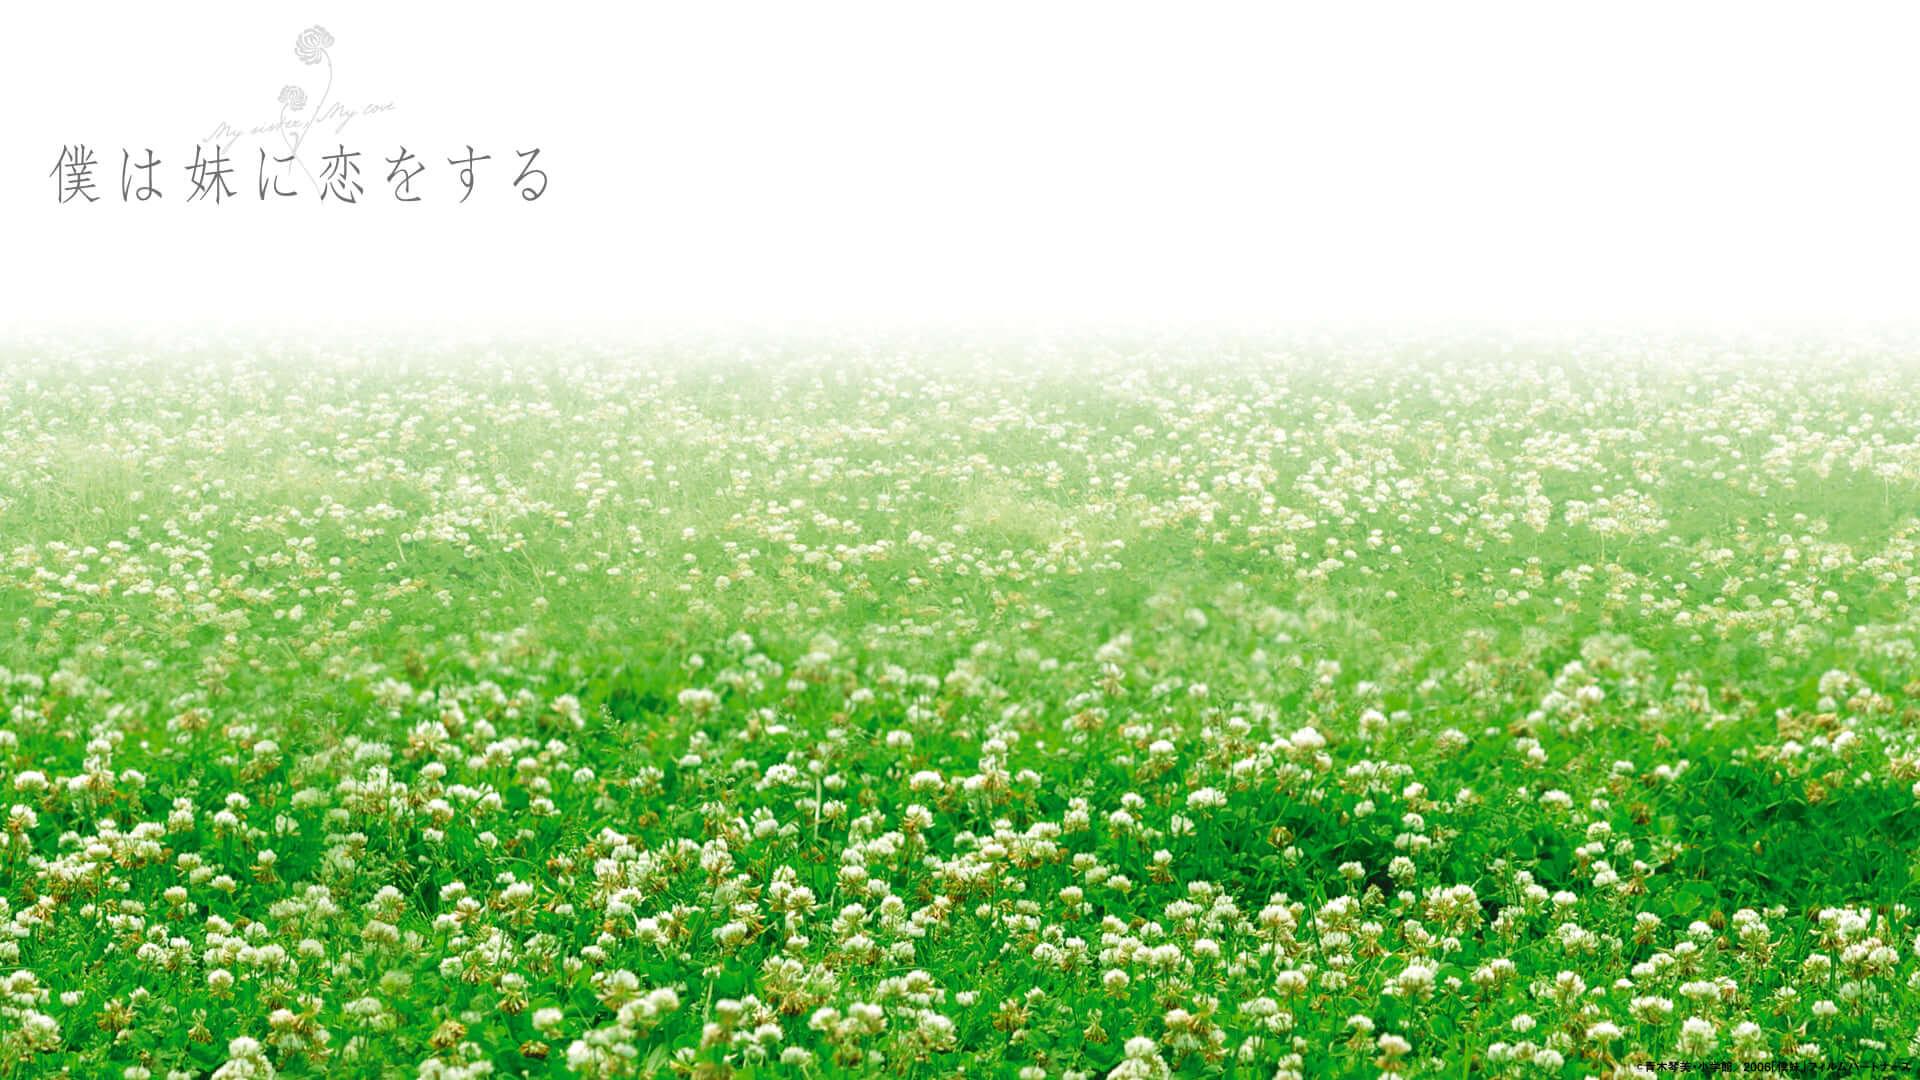 松本潤・榮倉奈々初共演映画『僕が妹に恋をする』デジタル配信決定!映画の世界に入り込めるバーチャル背景公開中 film200623_bokuimo_1-1920x1080